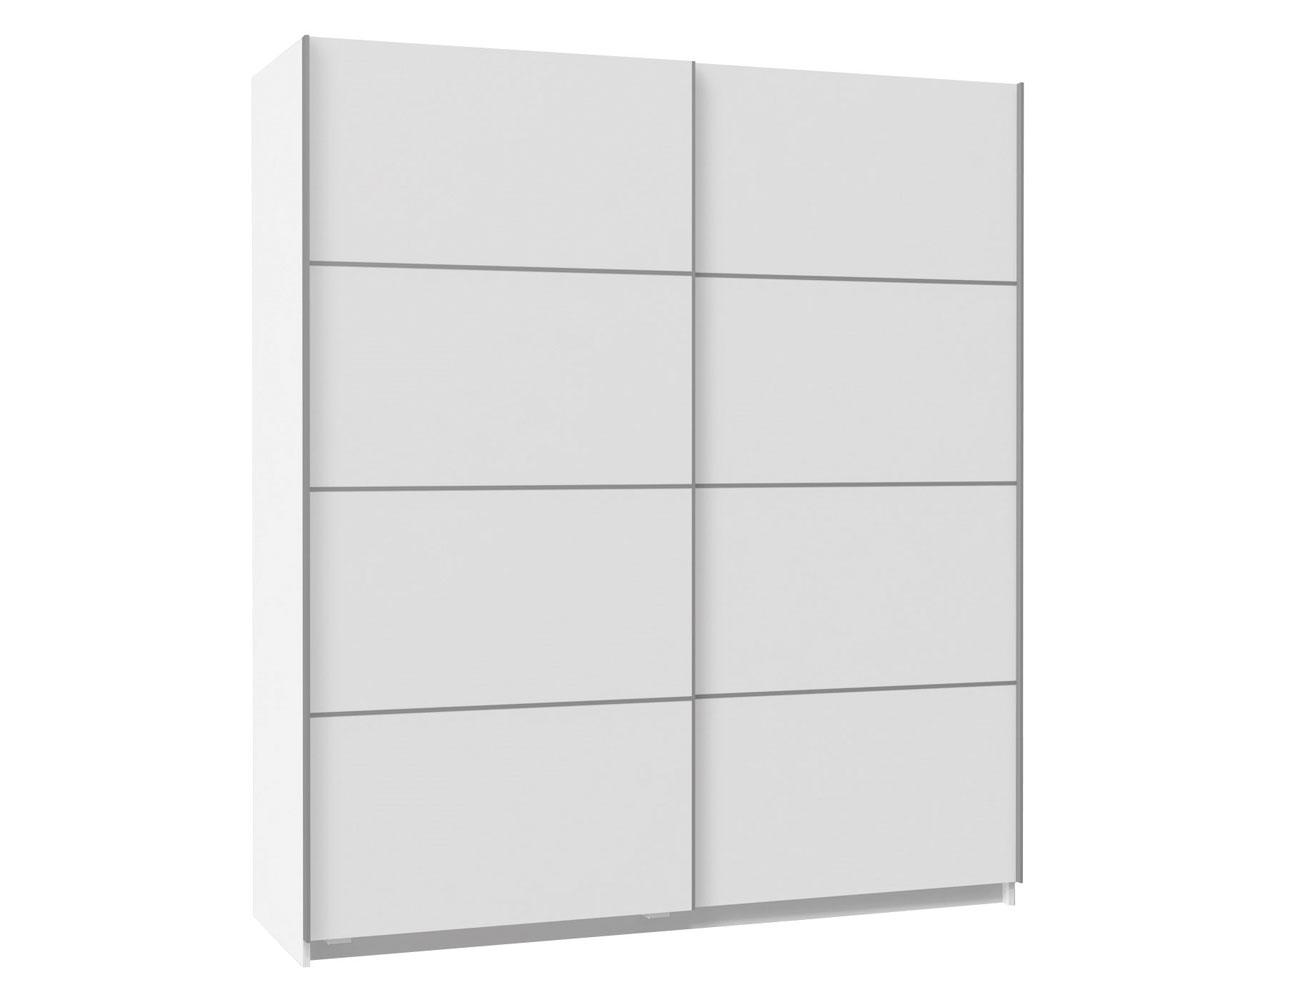 Armario puertas correderas blanco 180 cm de ancho factory del mueble utrera - Armario blanco puertas correderas ...